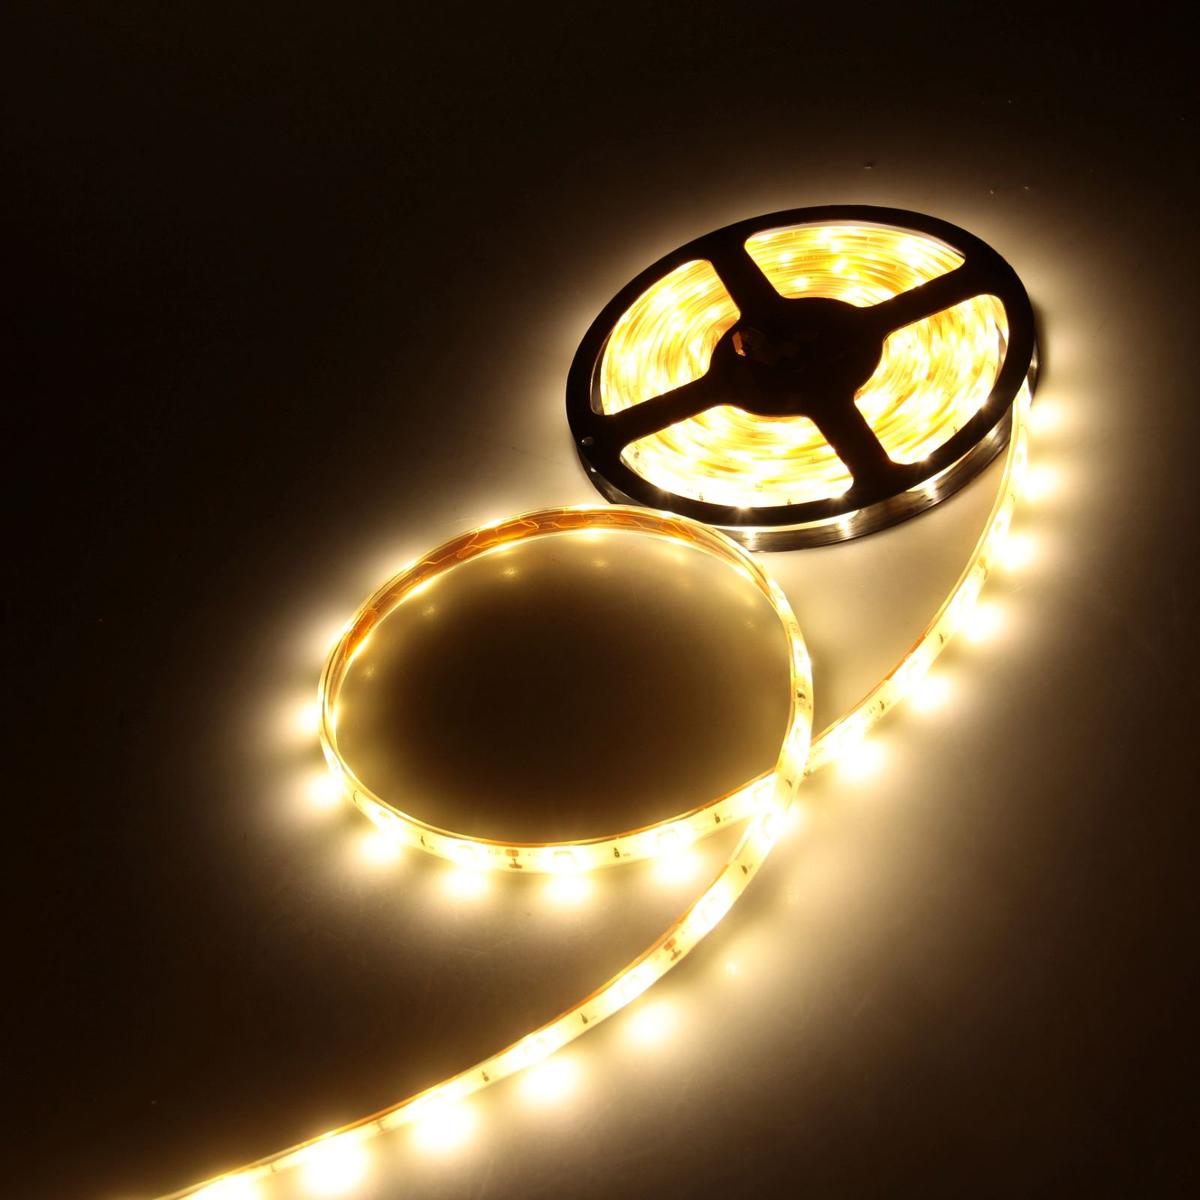 Светодиодная лента Luazon, 12В, SMD5050, длина 5 м, IP68, 30 LED ламп, 7.2 Вт/м, 14-16 Лм/1 LED, DC, цвет: теплый белый883936Светодиодные гирлянды, ленты и т.д — это отличный вариант для новогоднего оформления интерьера или фасада. С их помощью помещение любого размера можно превратить в праздничный зал, а внешние элементы зданий, украшенные ими, мгновенно станут напоминать очертания сказочного дворца. Такие украшения создают ауру предвкушения чуда. Деревья, фасады, витрины, окна и арки будто специально созданы, чтобы вы украсили их светящимися нитями.